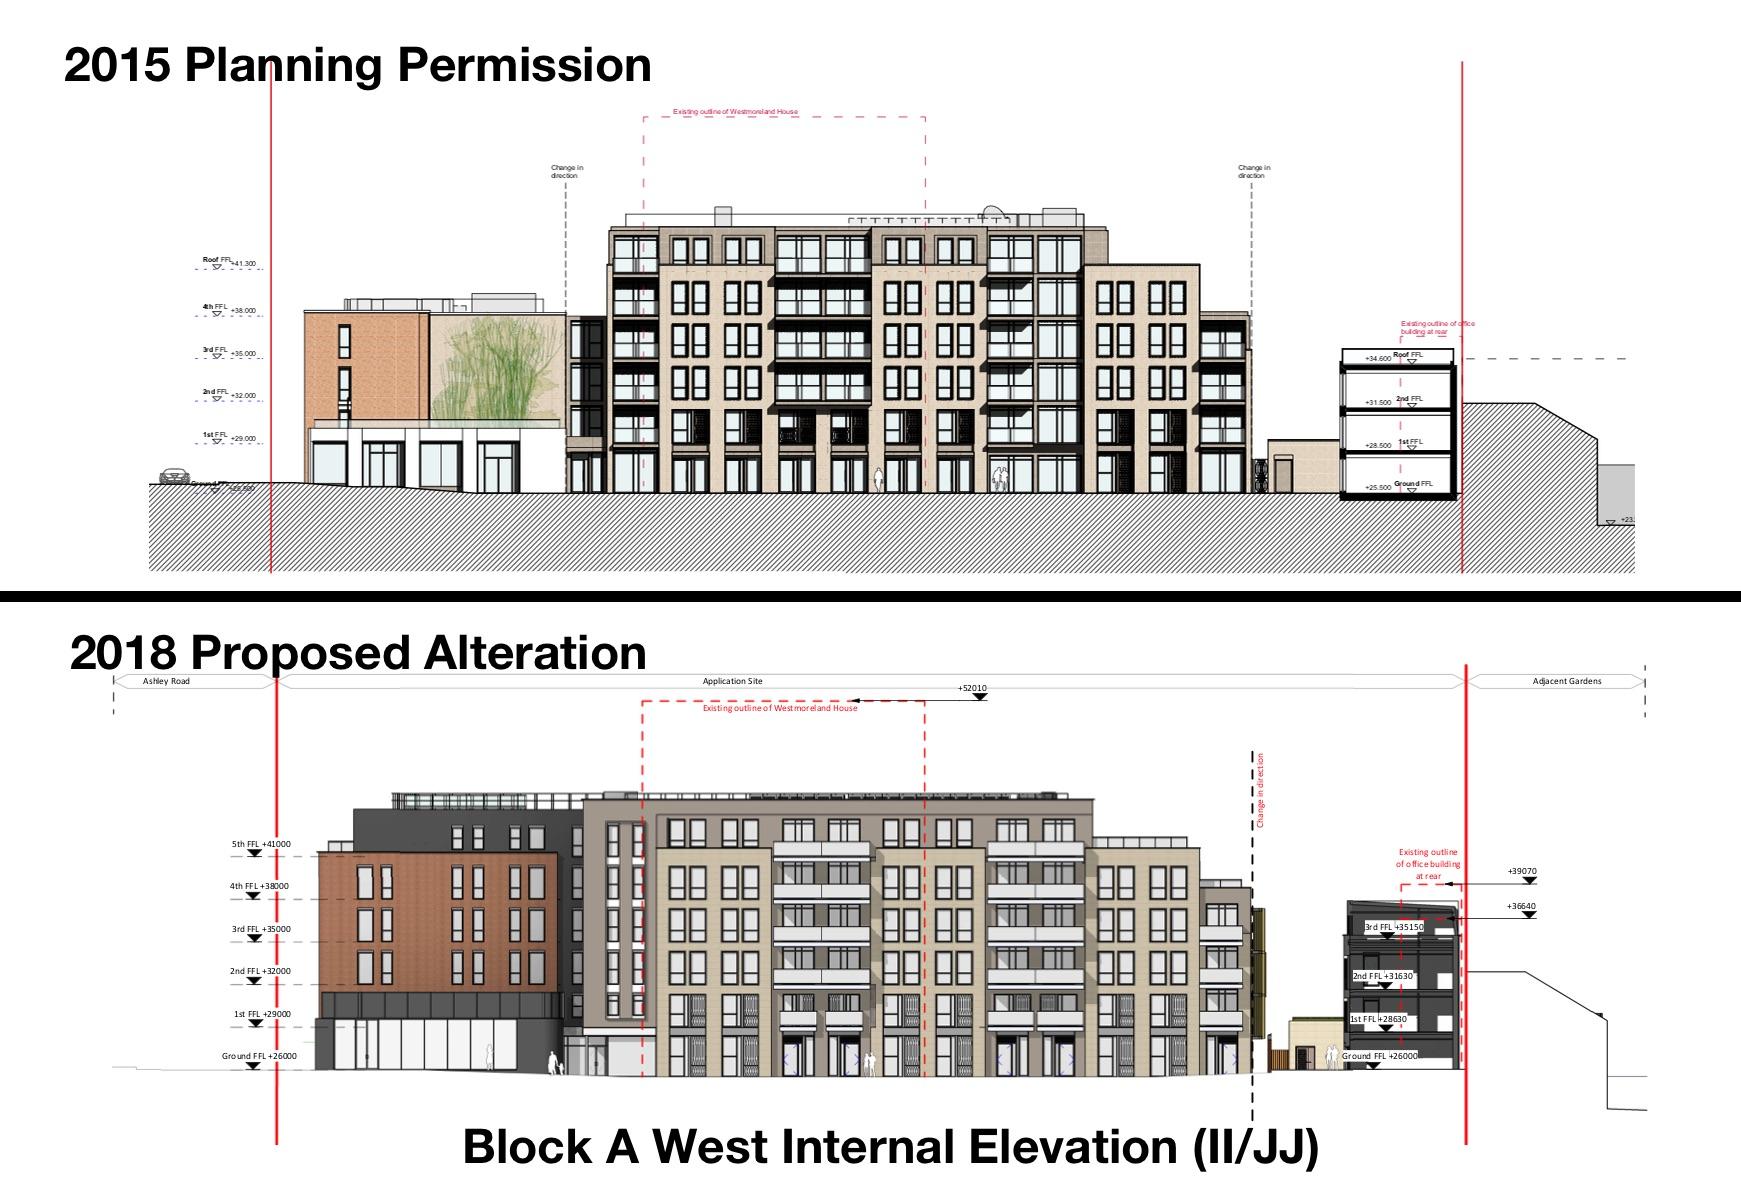 II:JJ Block A west internal elevation.jpg